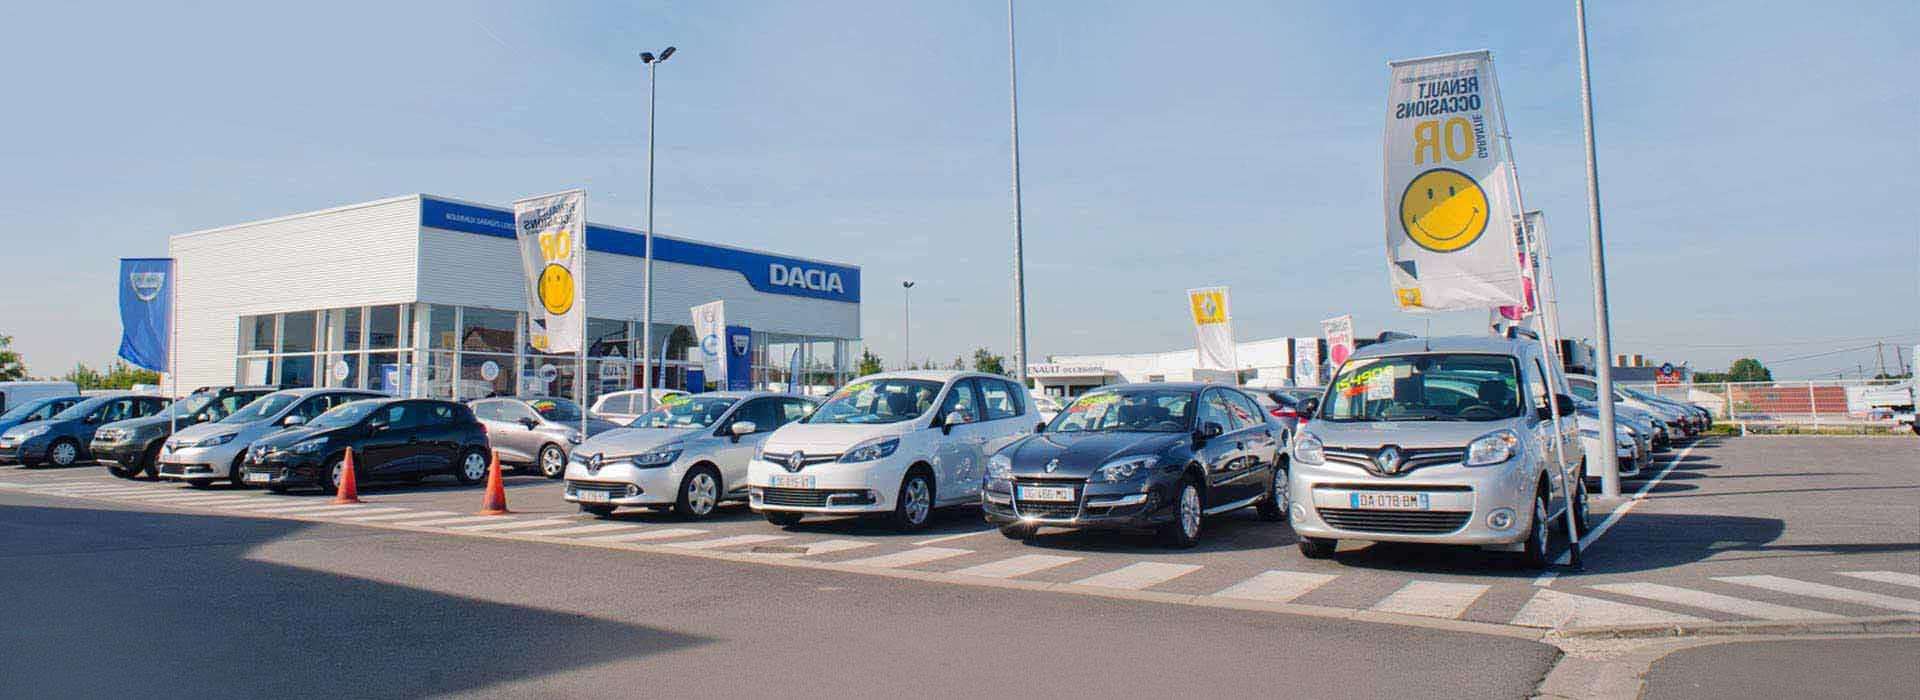 Dacia Lens